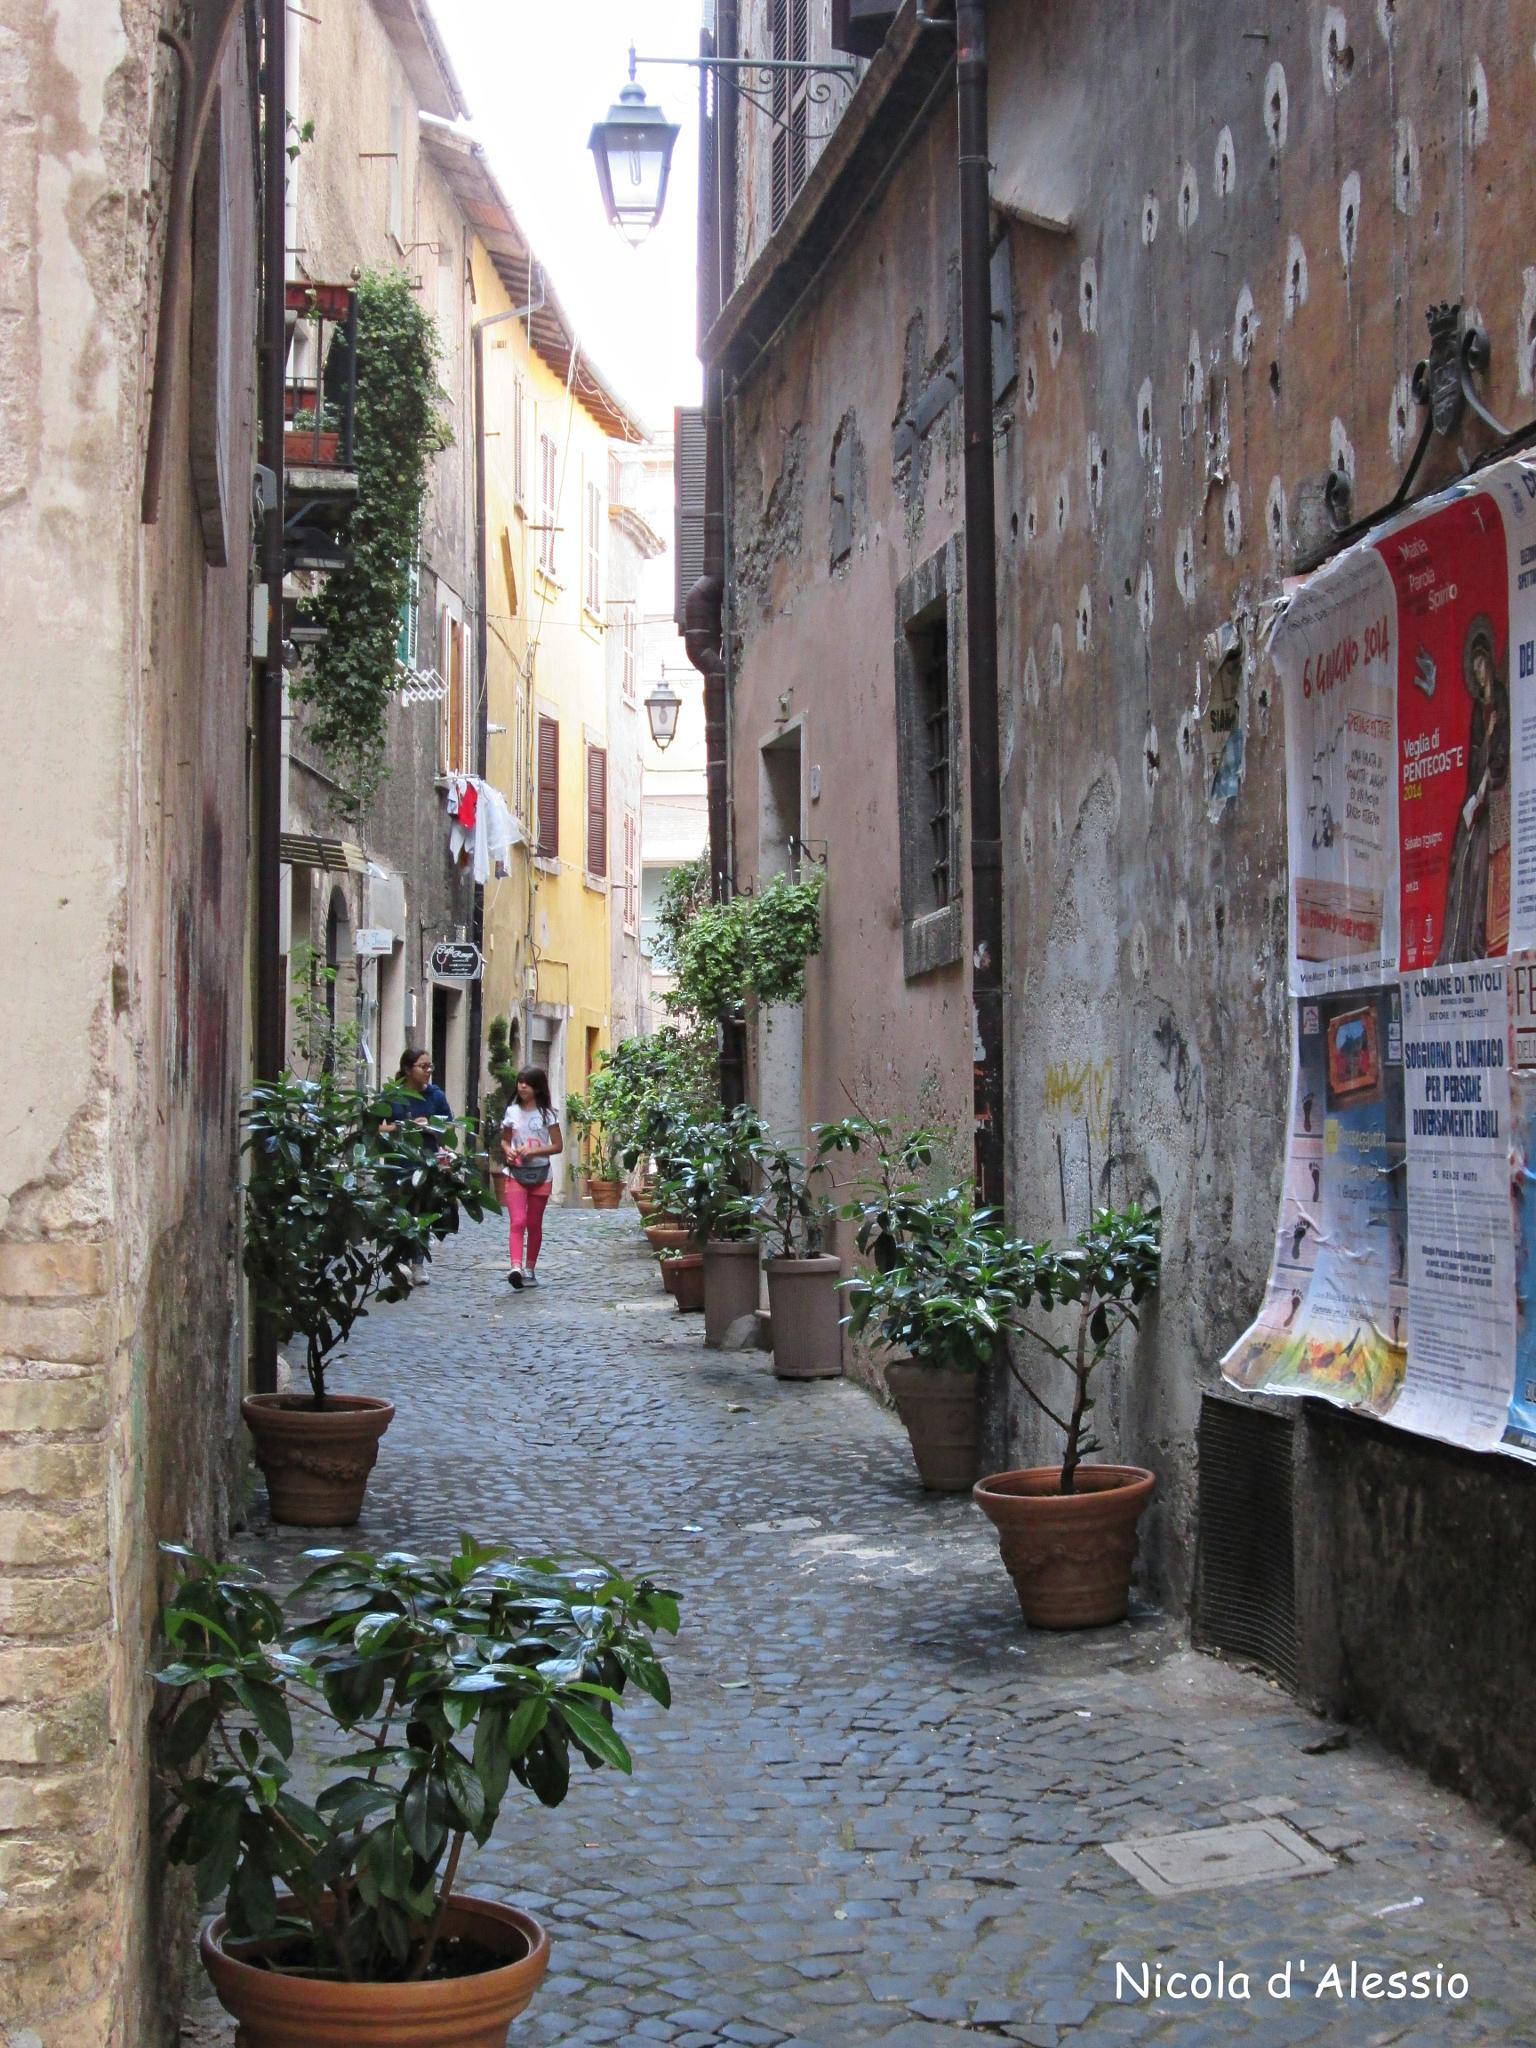 historic center of Tivoli (Rome) by dalessionicola